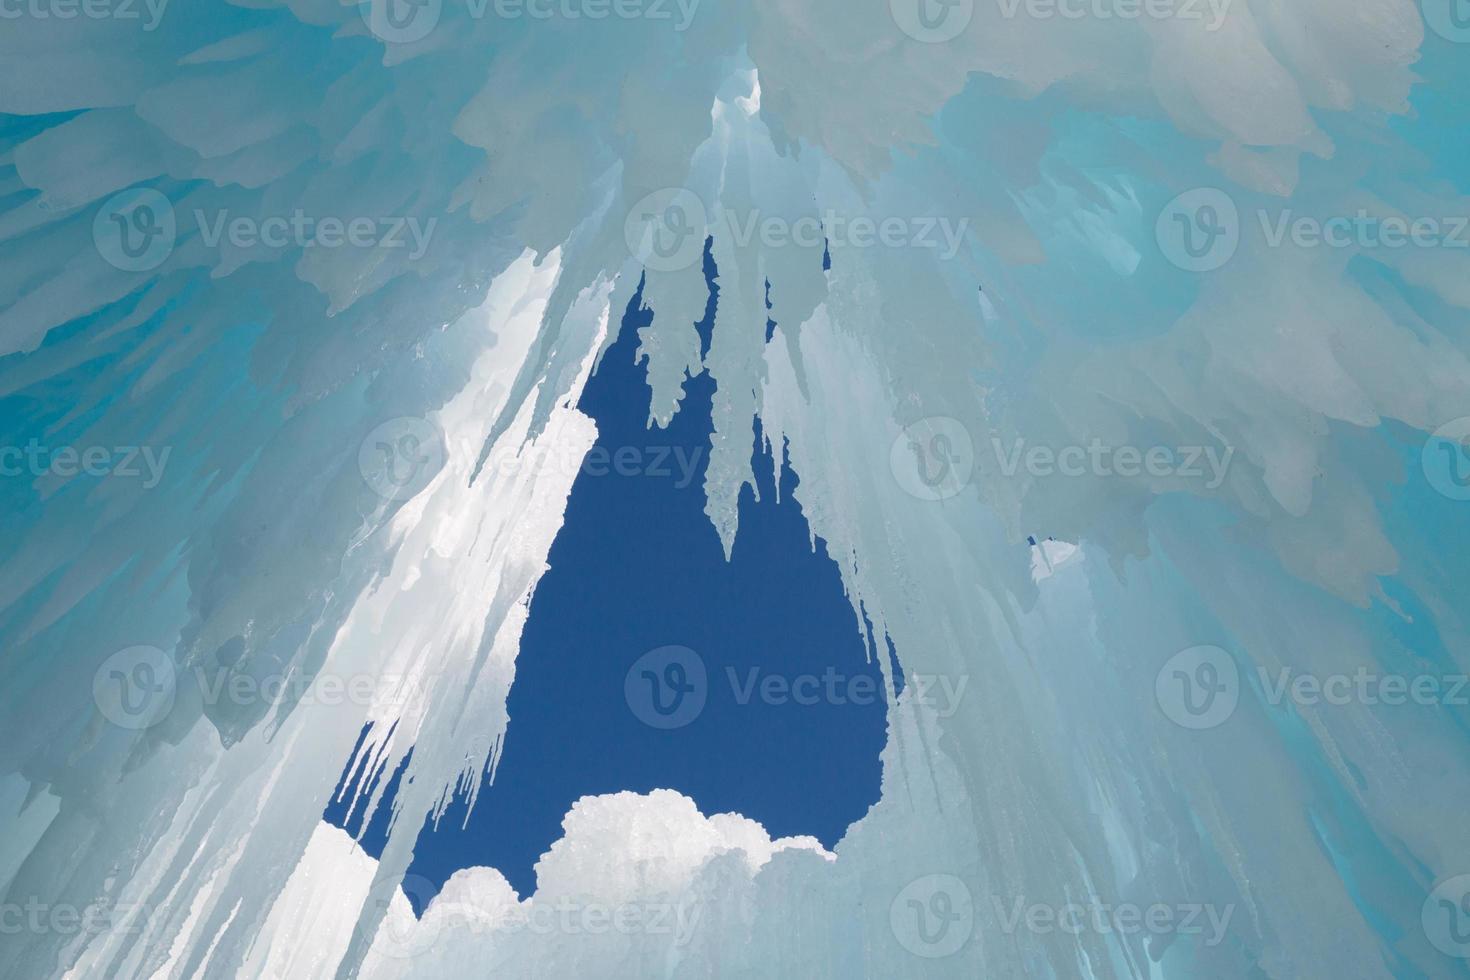 ijspegels hangen aan het plafond van de ijsgrot foto